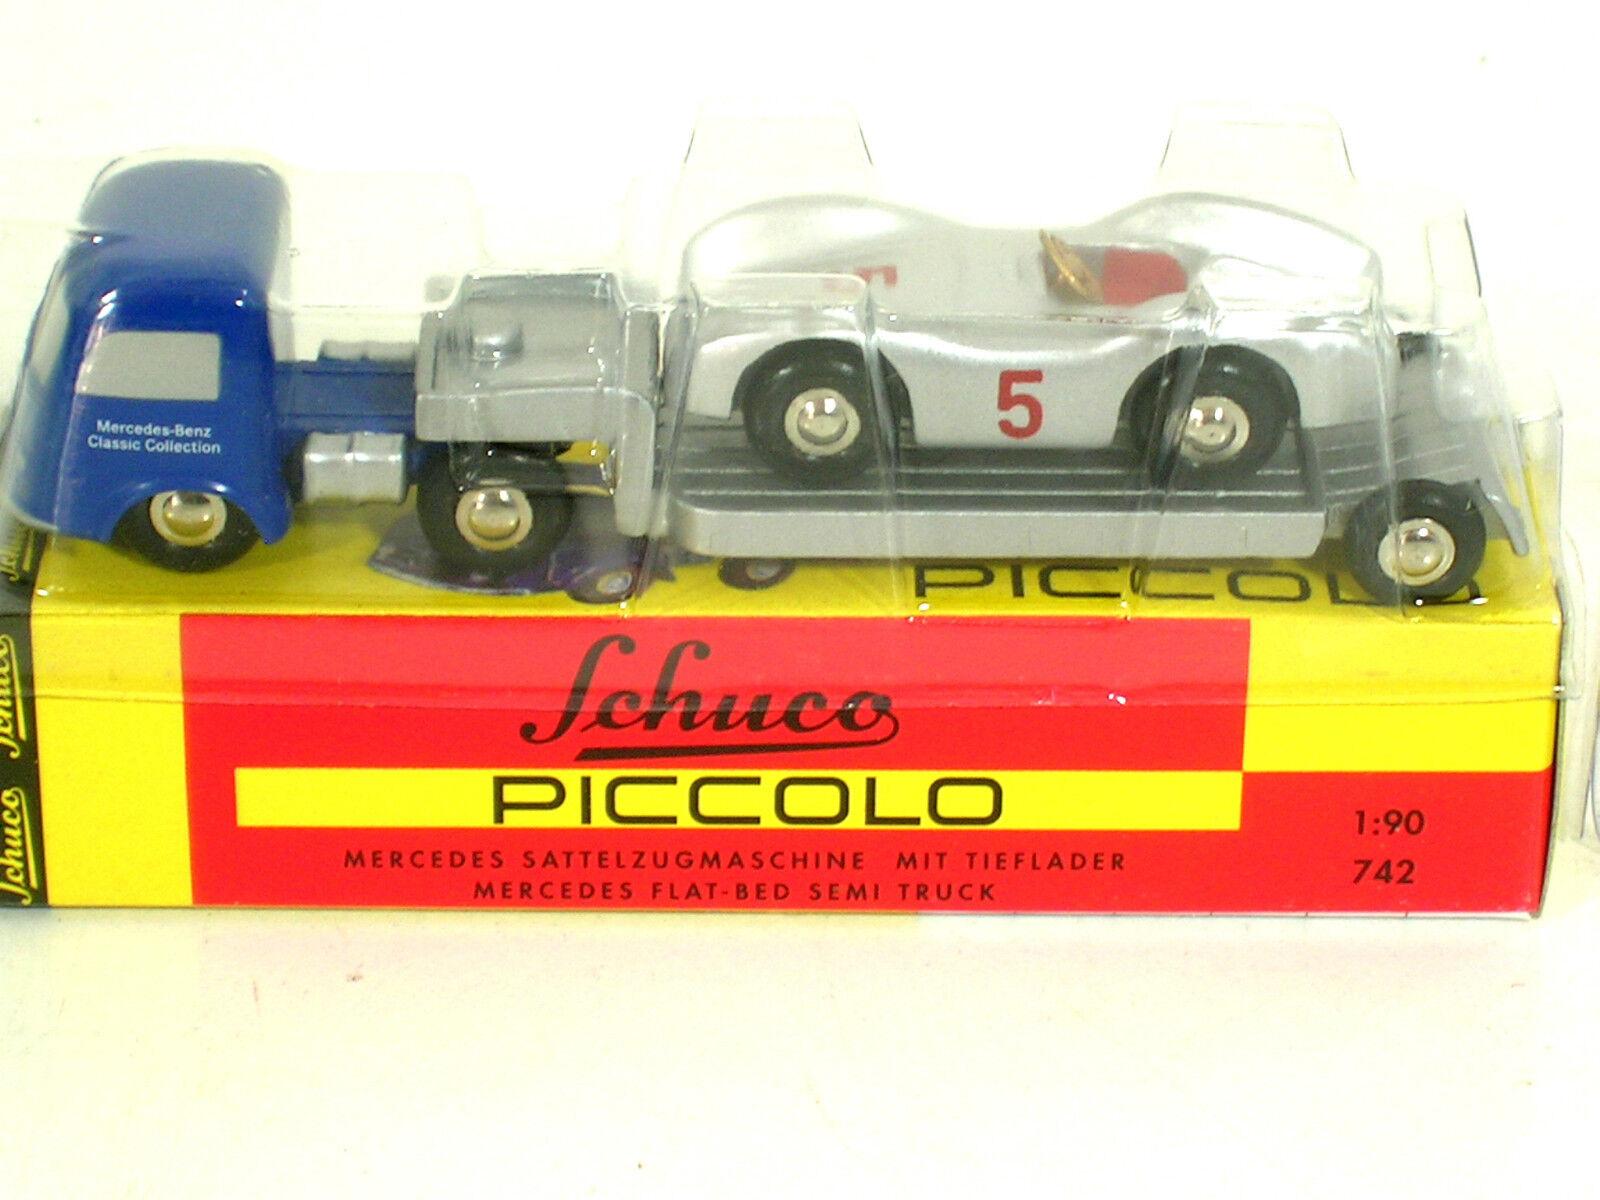 Schuco Piccolo 742 Mercedes Tieflader mit Mercedes-Benz Stromlinie,lim.1000St